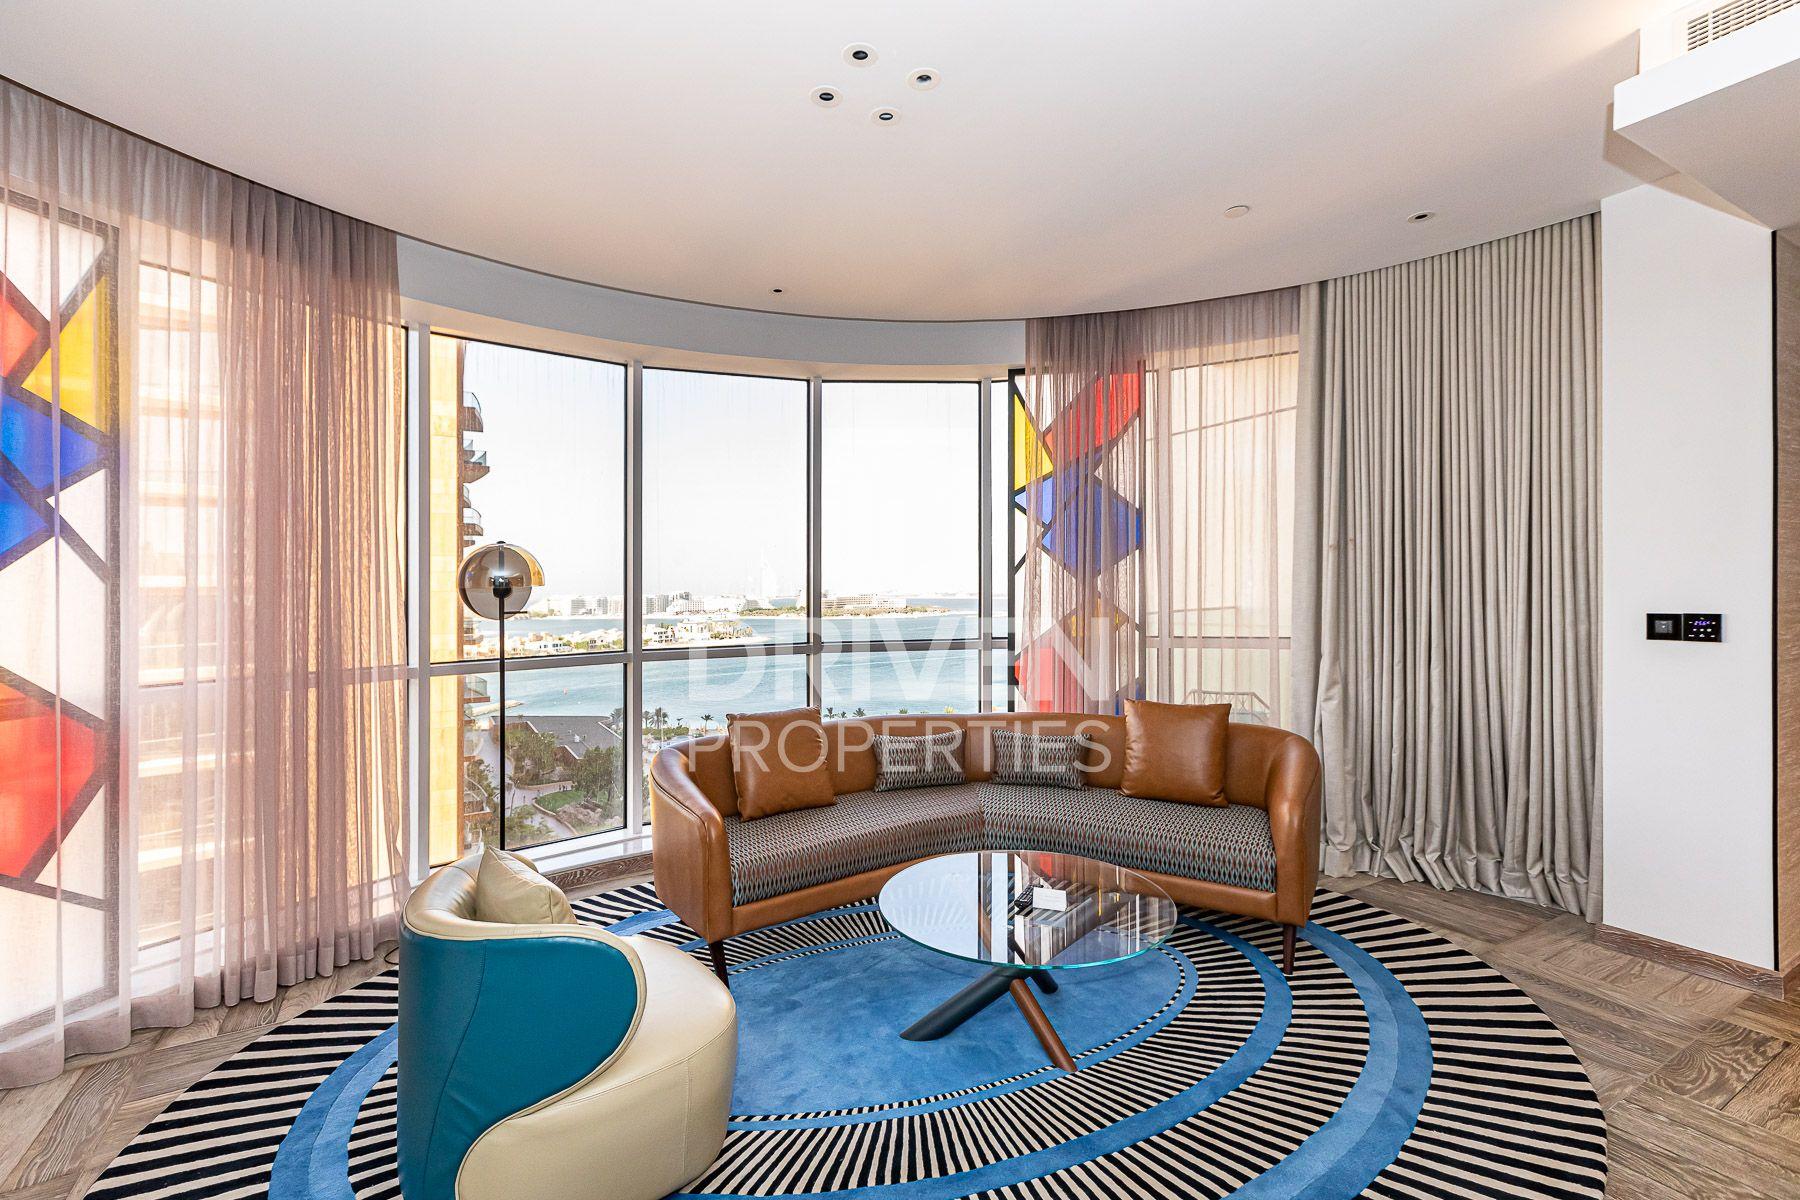 للايجار - شقة - انداز دبي ذا بالم - نخلة الجميرا